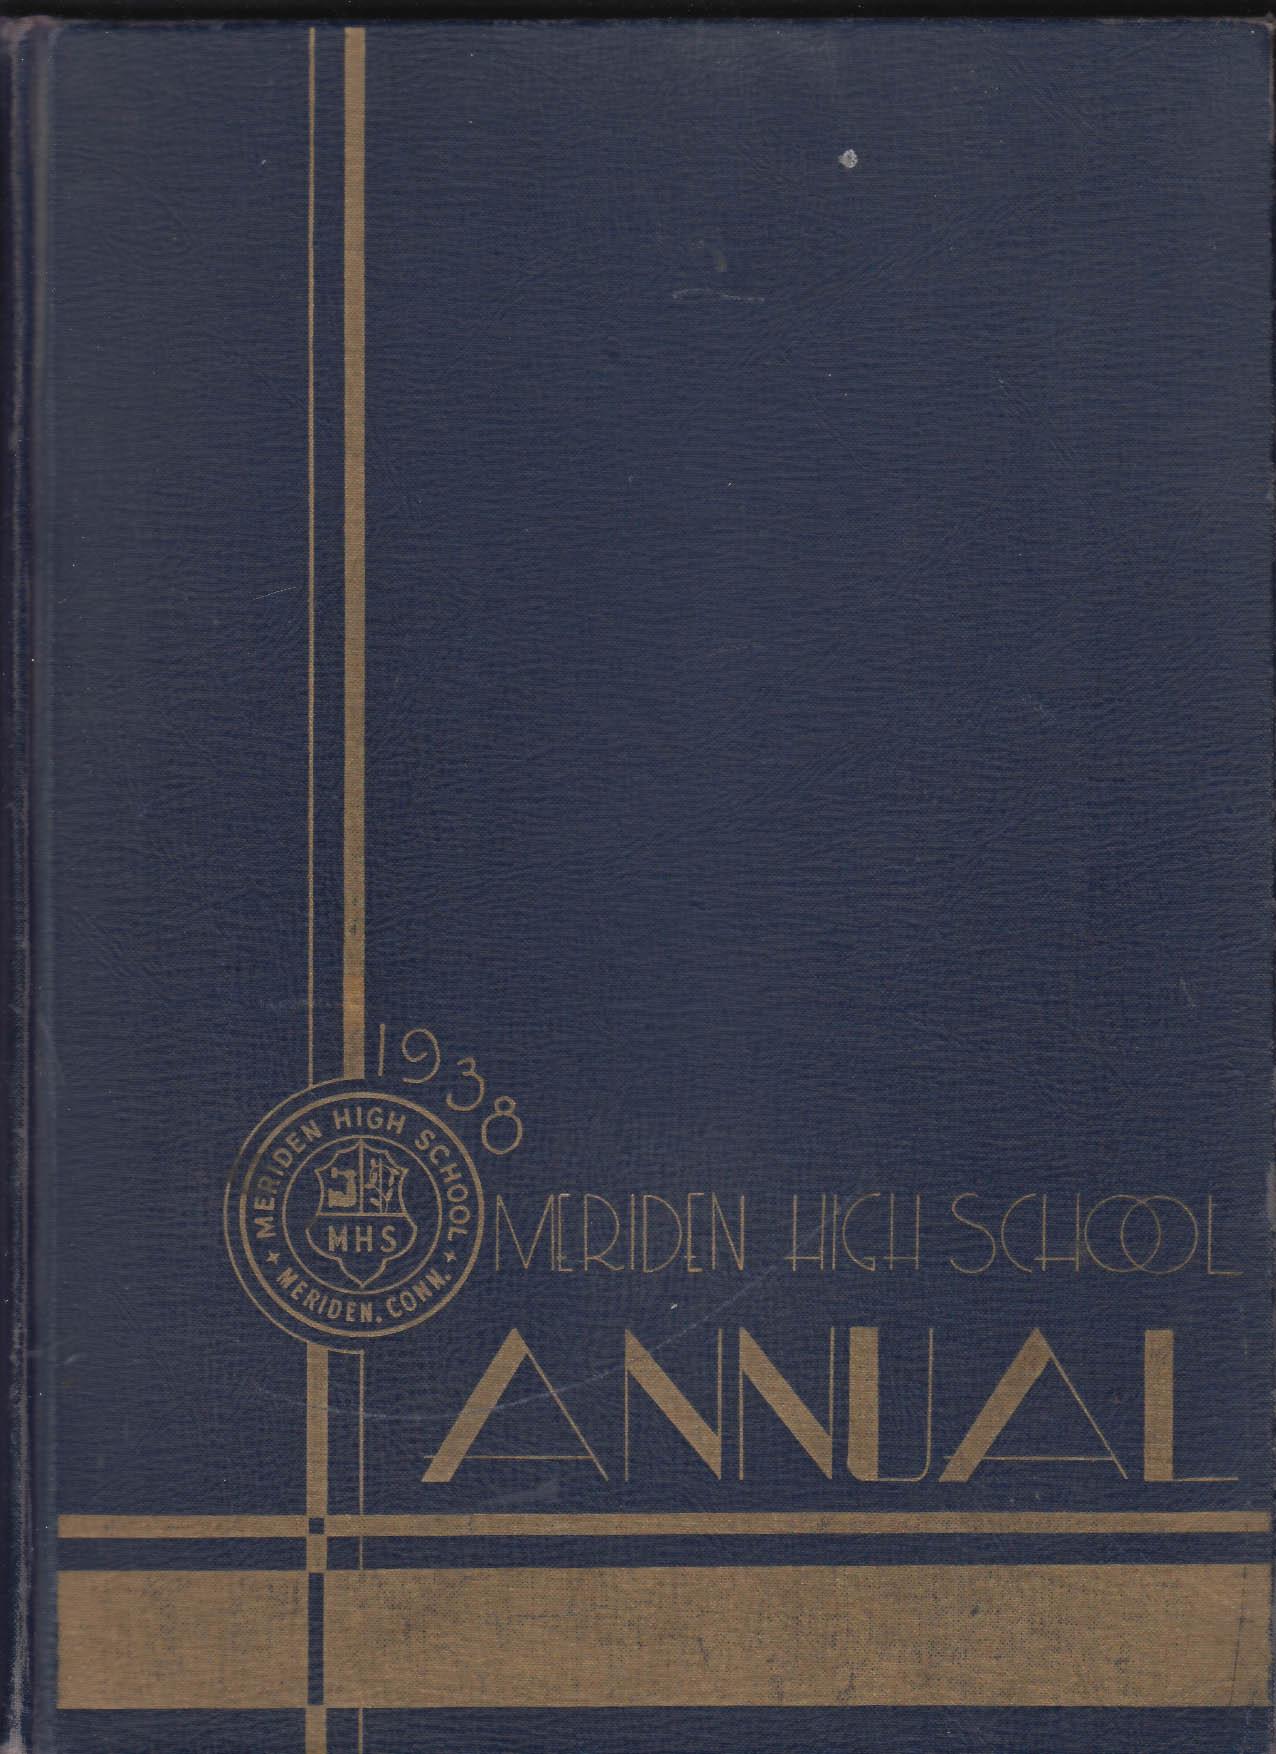 Image for Meriden High School 1938 Annual Yearbook Meriden Connecticut